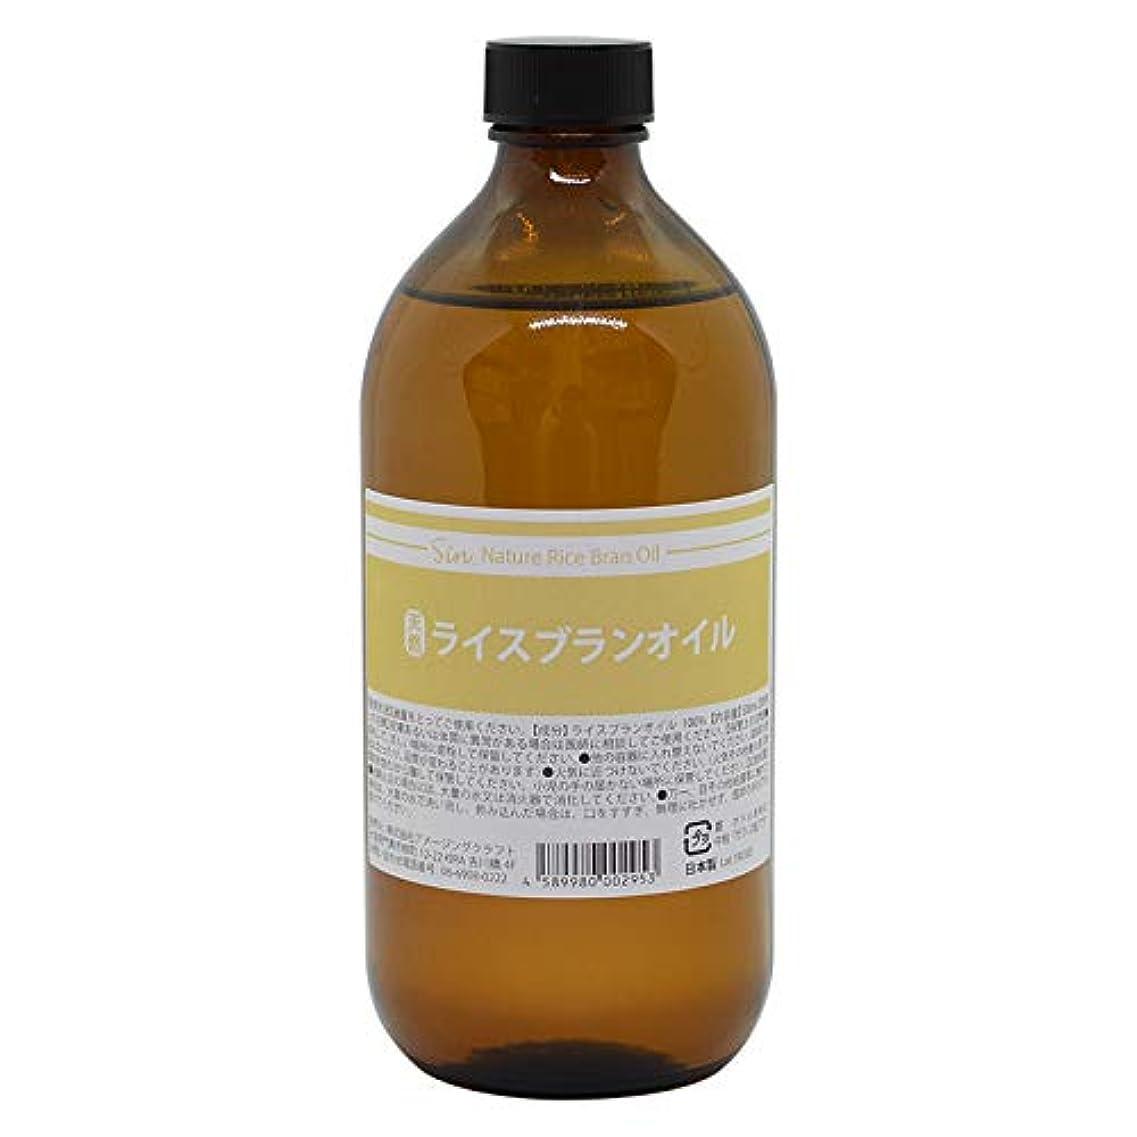 一人で住人出会い天然無添加 国内精製 ライスブランオイル 500ml ライスオイル